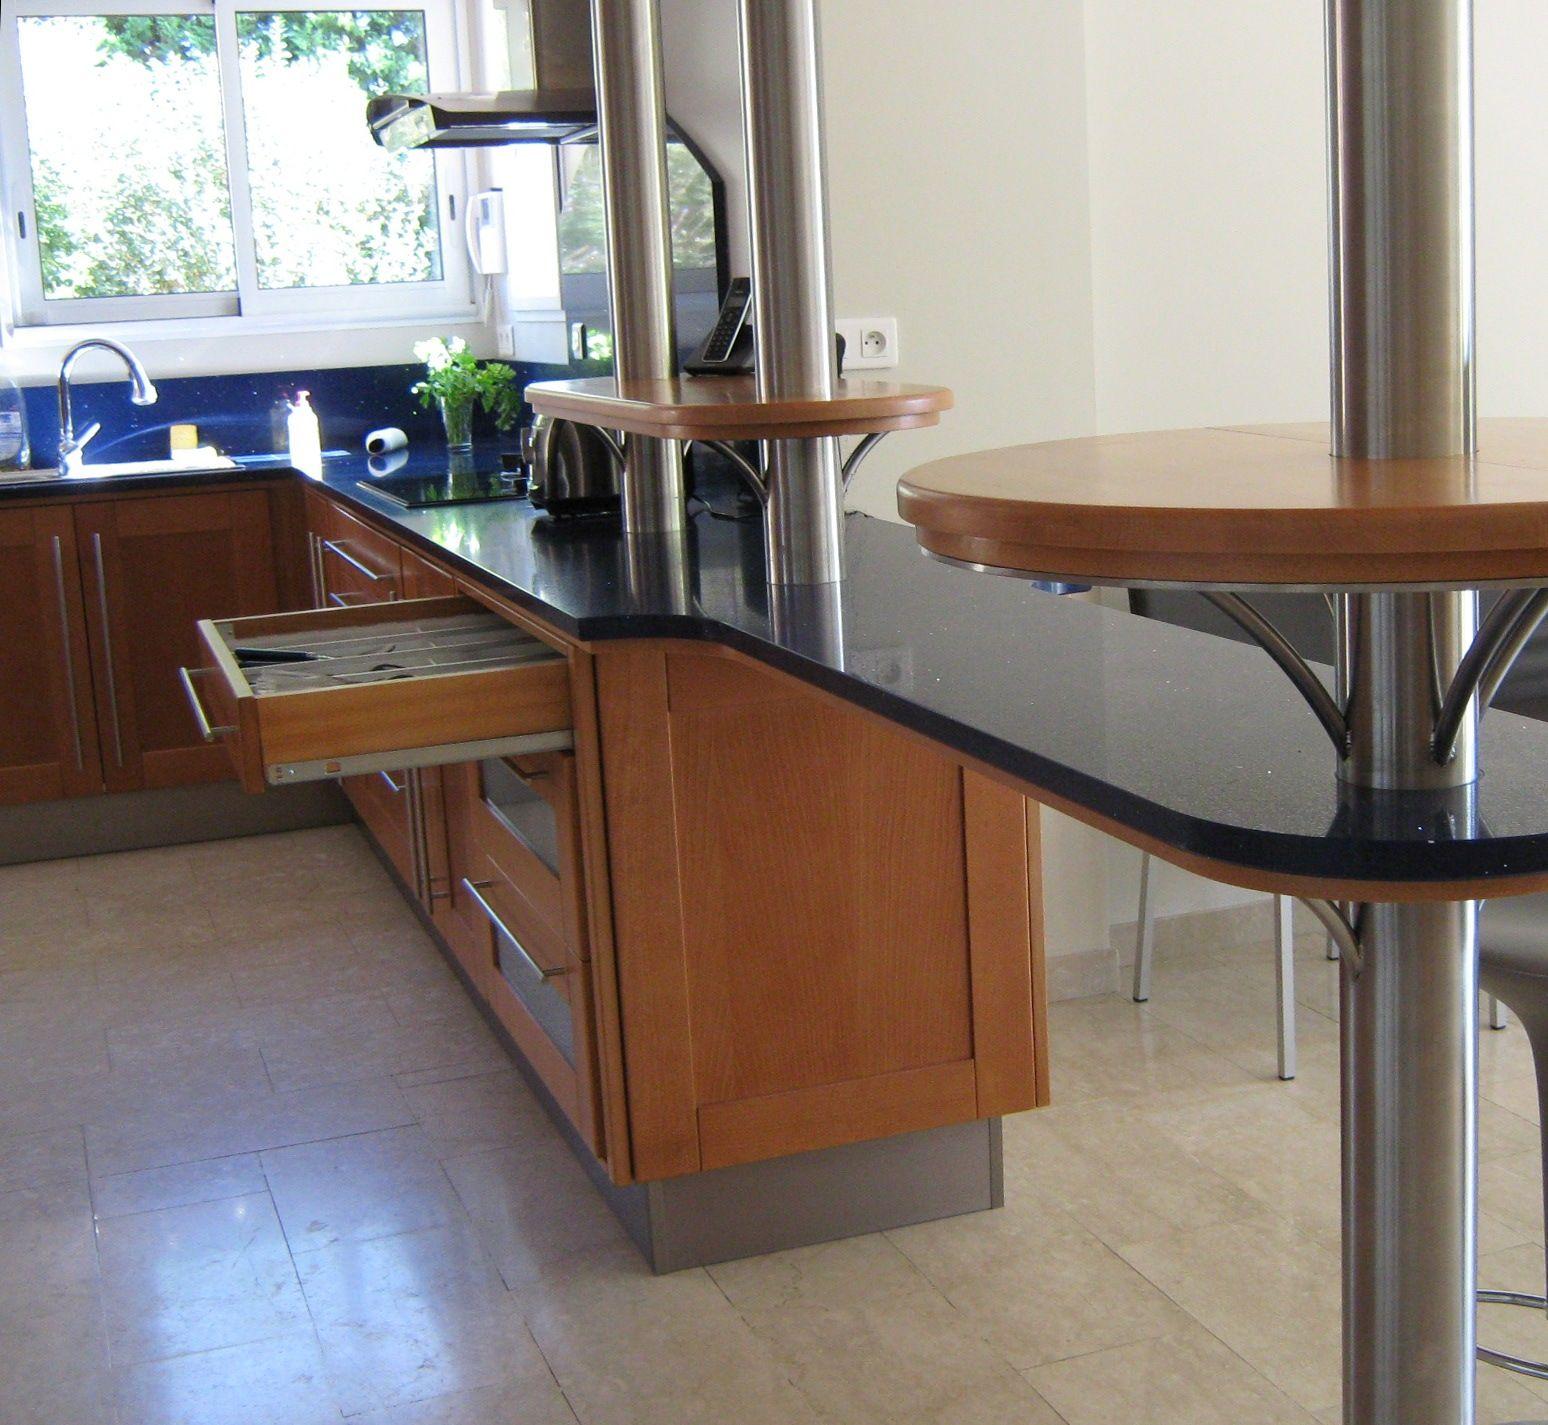 cuisine en bois massif h tre pi tements et plinthe en inox plan de travail en silestone. Black Bedroom Furniture Sets. Home Design Ideas